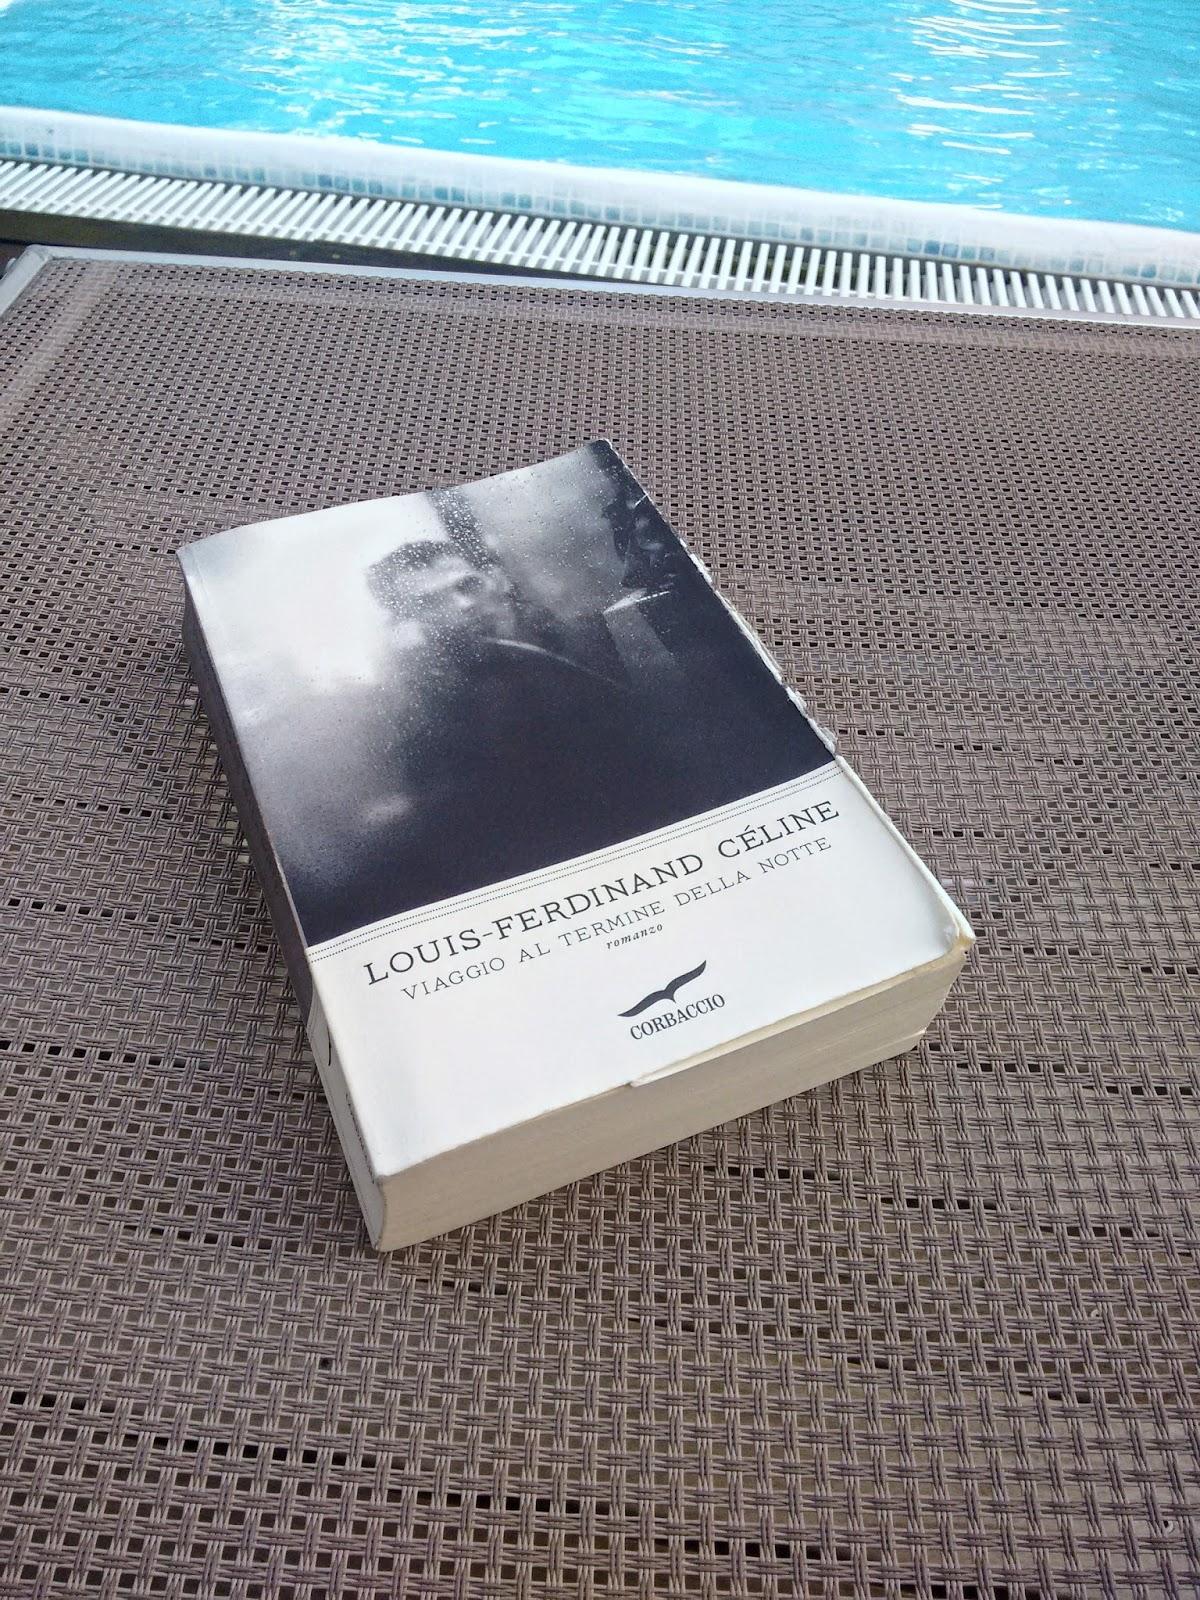 celine viaggio al termine della notte  Il Signor L.: Viaggio al termine della notte - Louis Ferdinand Céline